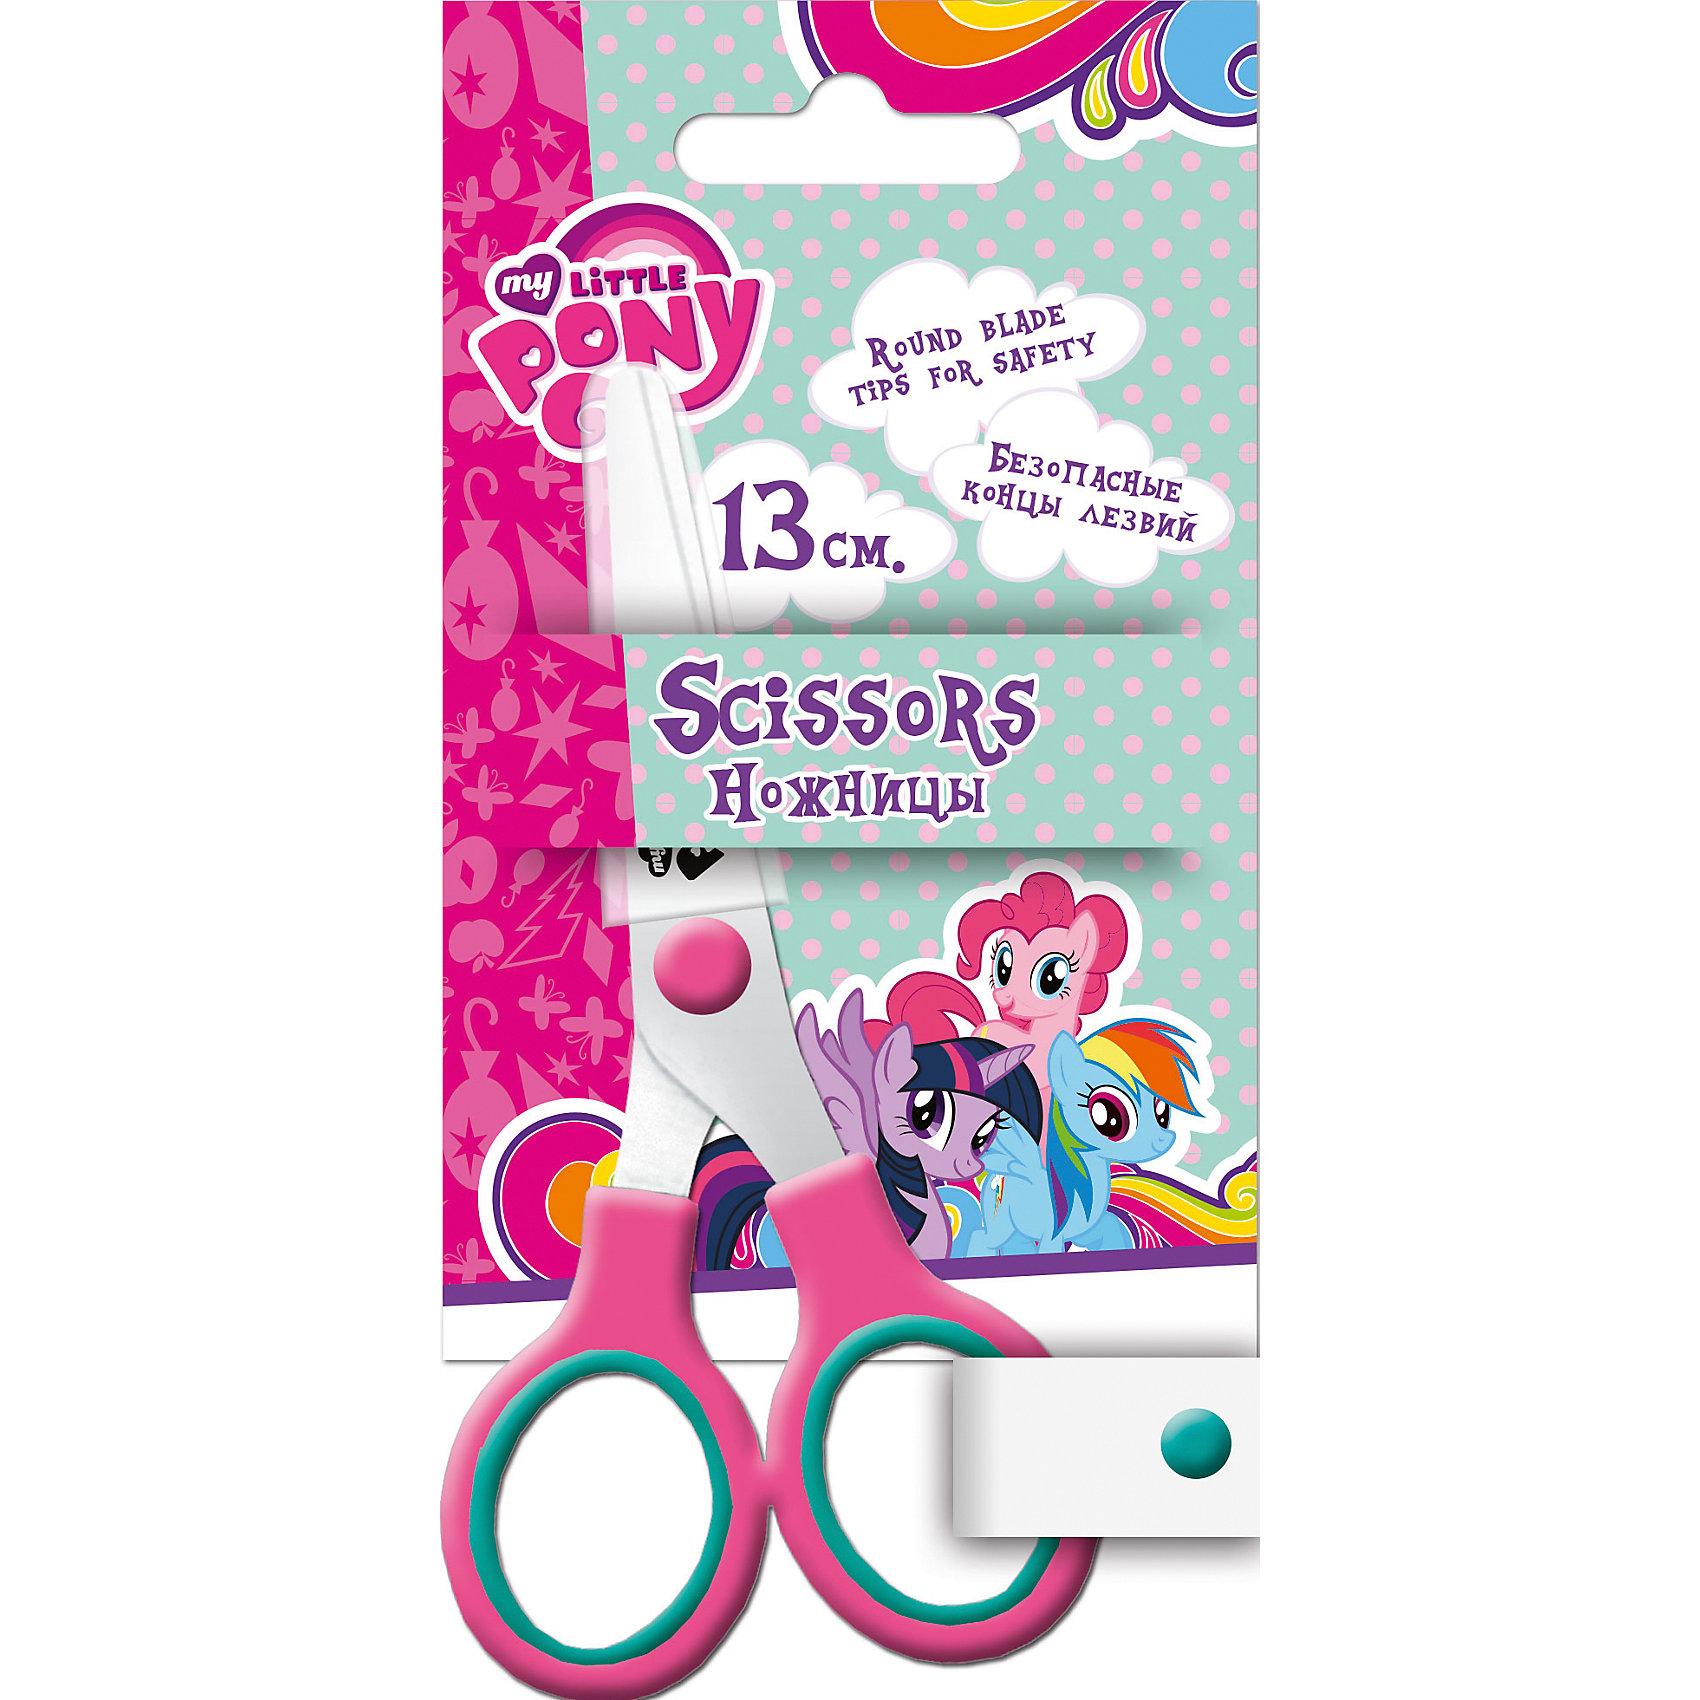 Ножницы в чехле, 13 см, My Little PonyЯркие канцелярские принадлежности с привлекательным дизайном и изображениями любимых героев сделают школьные занятия веселее и поднимут настроение маленькой школьнице. Детские ножницы My Little Pony оснащены пластиковыми ручками розового цвета и безопасными<br>закругленными концами лезвий. Имеется пластиковый чехол для безопасного использования и хранения. Блистерная упаковка с подвесом украшена изображением волшебных лошадок из популярного мультсериала Мой маленький пони.<br><br>Дополнительная информация:<br><br>- Материал: нержавеющая сталь, пластик. <br>- Длина ножниц: 13 см.<br>- Размер упаковки: 16 x 1 х 8 см.<br>- Вес: 42 гр.<br><br>Ножницы, 13 см., My Little Pony, можно купить в нашем интернет-магазине.<br><br>Ширина мм: 160<br>Глубина мм: 80<br>Высота мм: 10<br>Вес г: 35<br>Возраст от месяцев: 60<br>Возраст до месяцев: 84<br>Пол: Женский<br>Возраст: Детский<br>SKU: 4681080